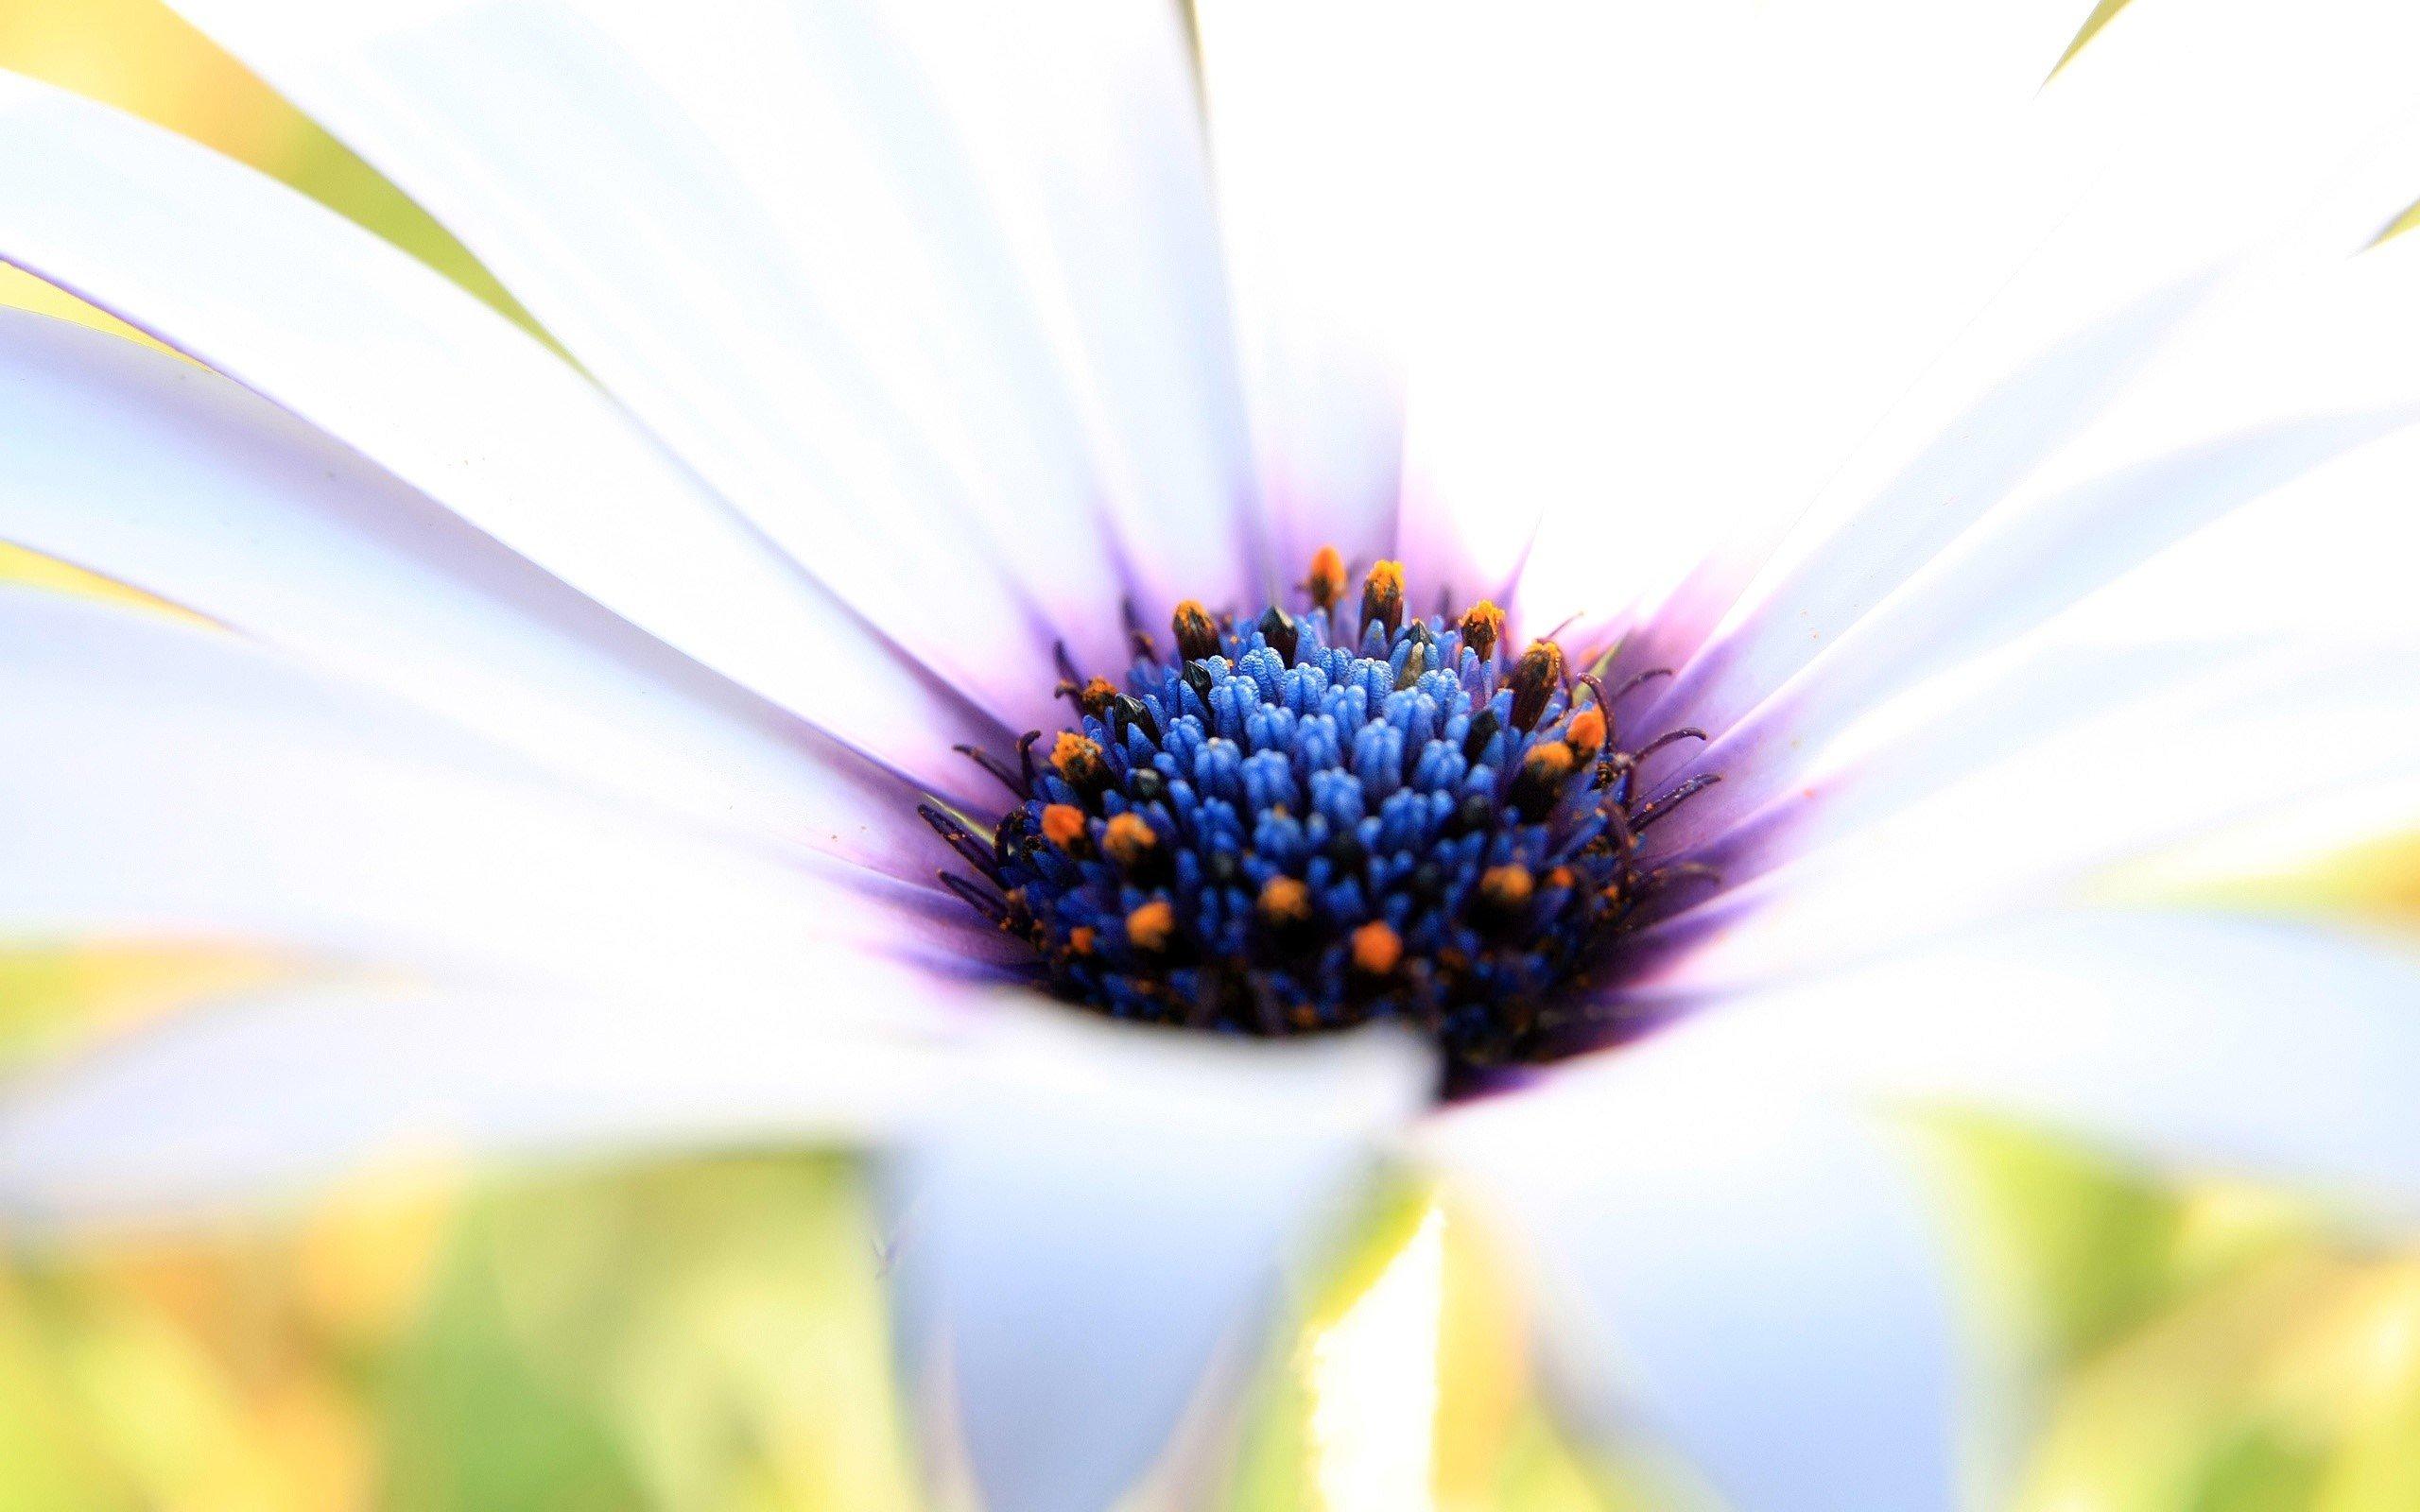 Fondos de pantalla Flor blanca y morada